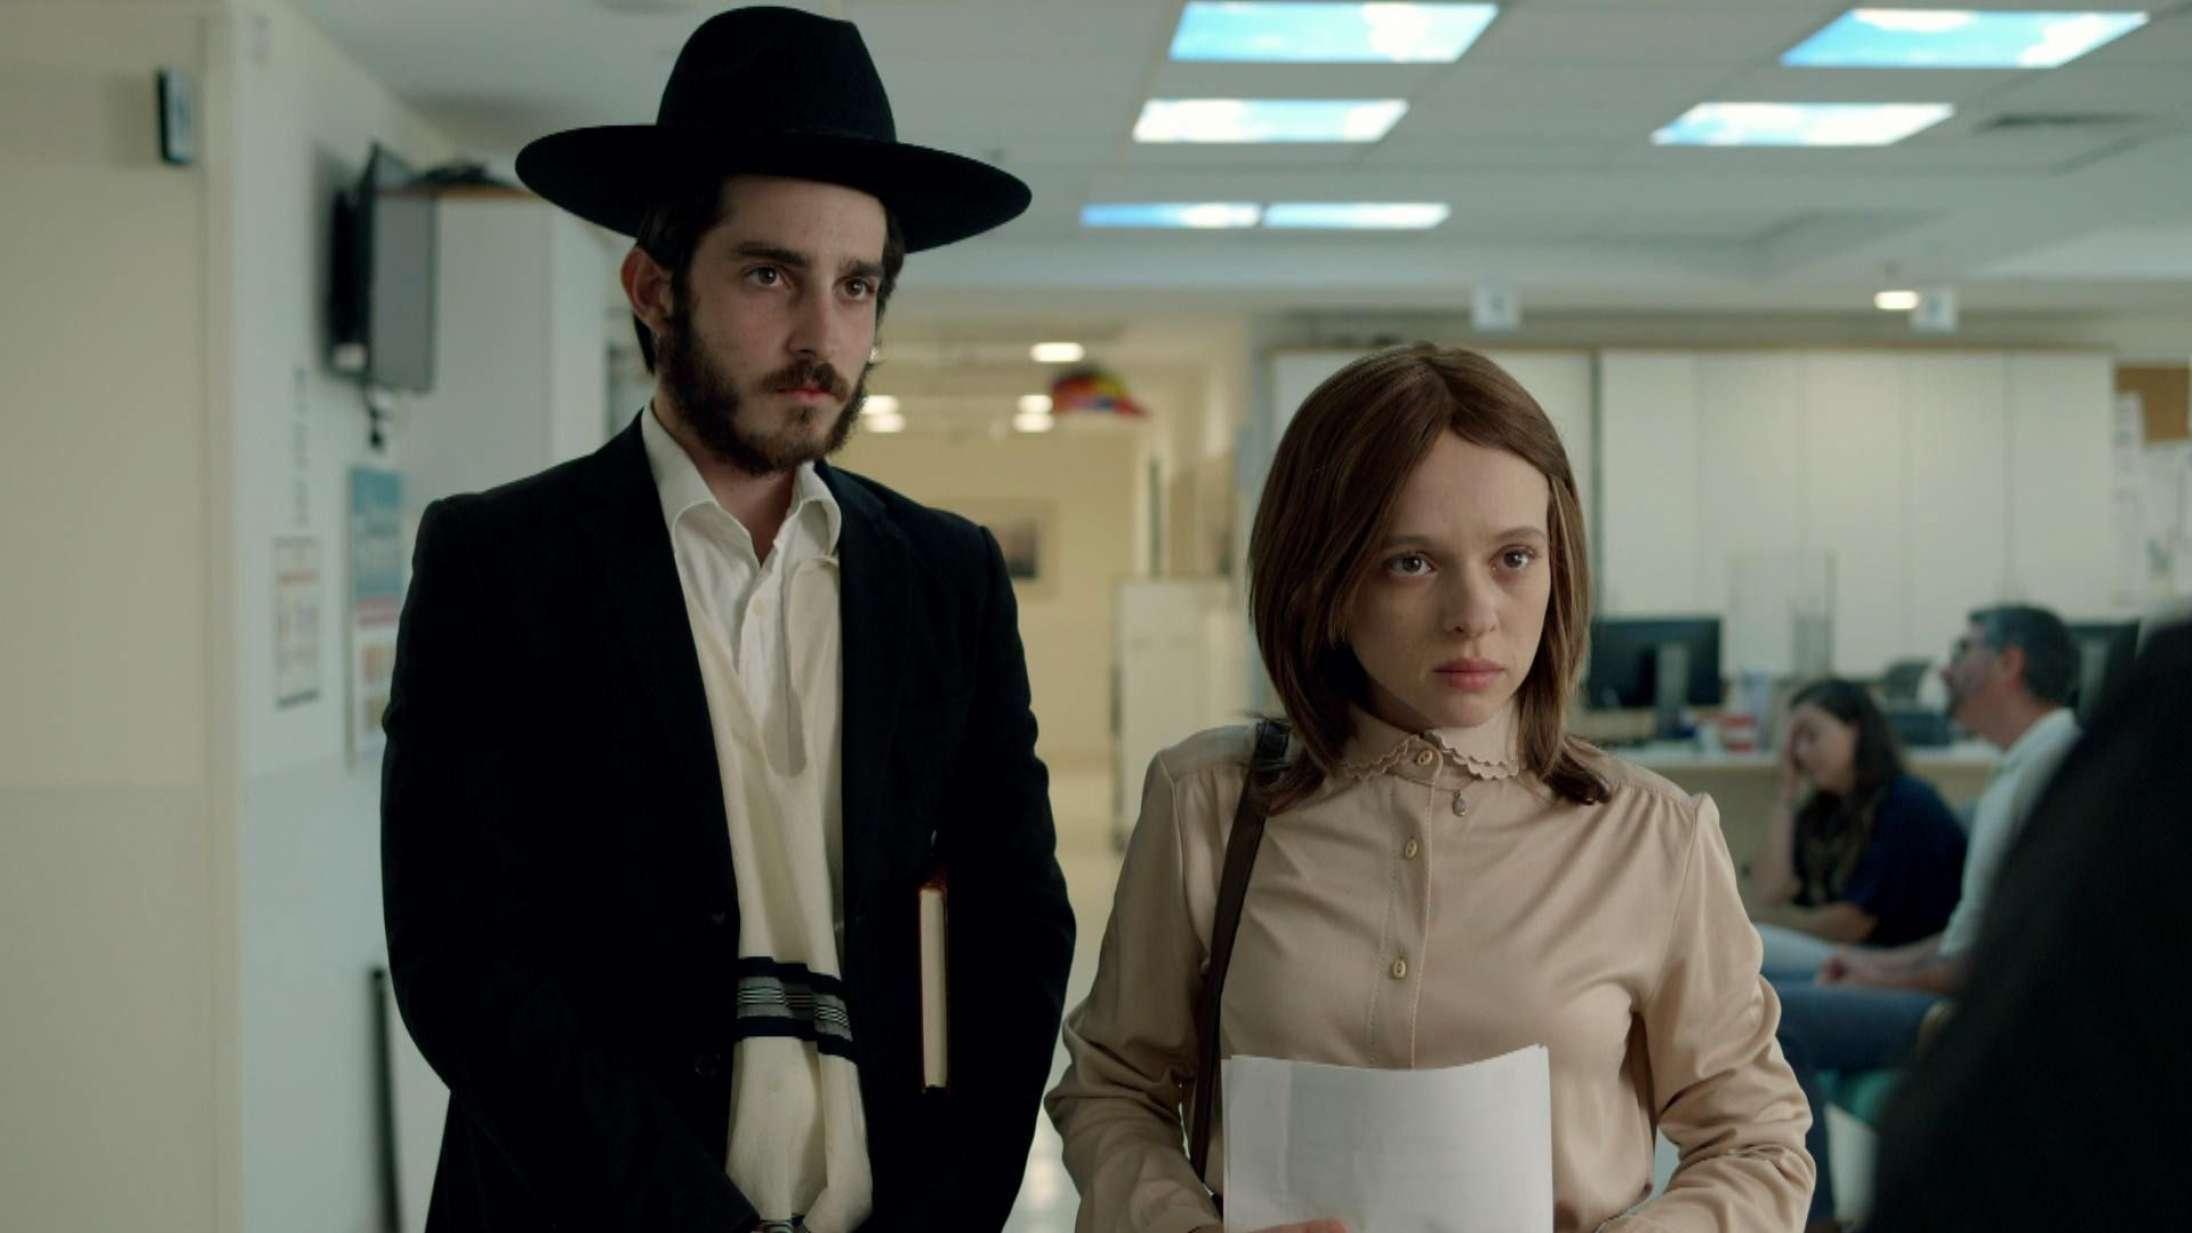 'Shtisel' sæson 1-3: 'Unorthodox'-stjerne funkler i overset israelsk storværk på Netflix